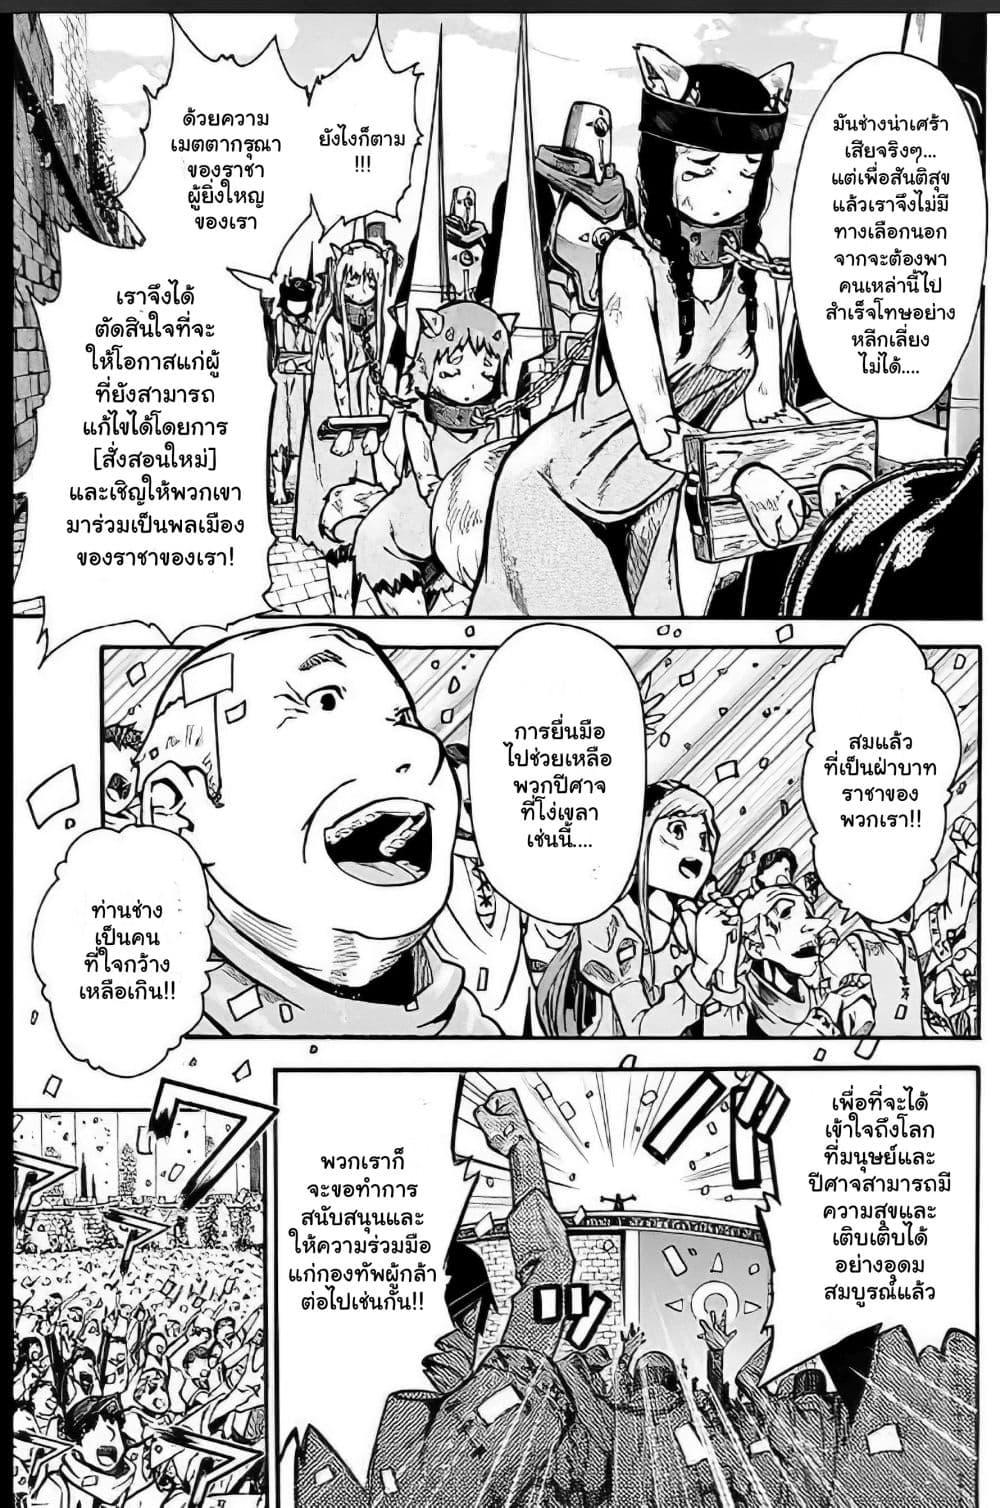 อ่านการ์ตูน Wazawaitsu Wanashi no Yuusha kari ตอนที่ 3 หน้าที่ 9